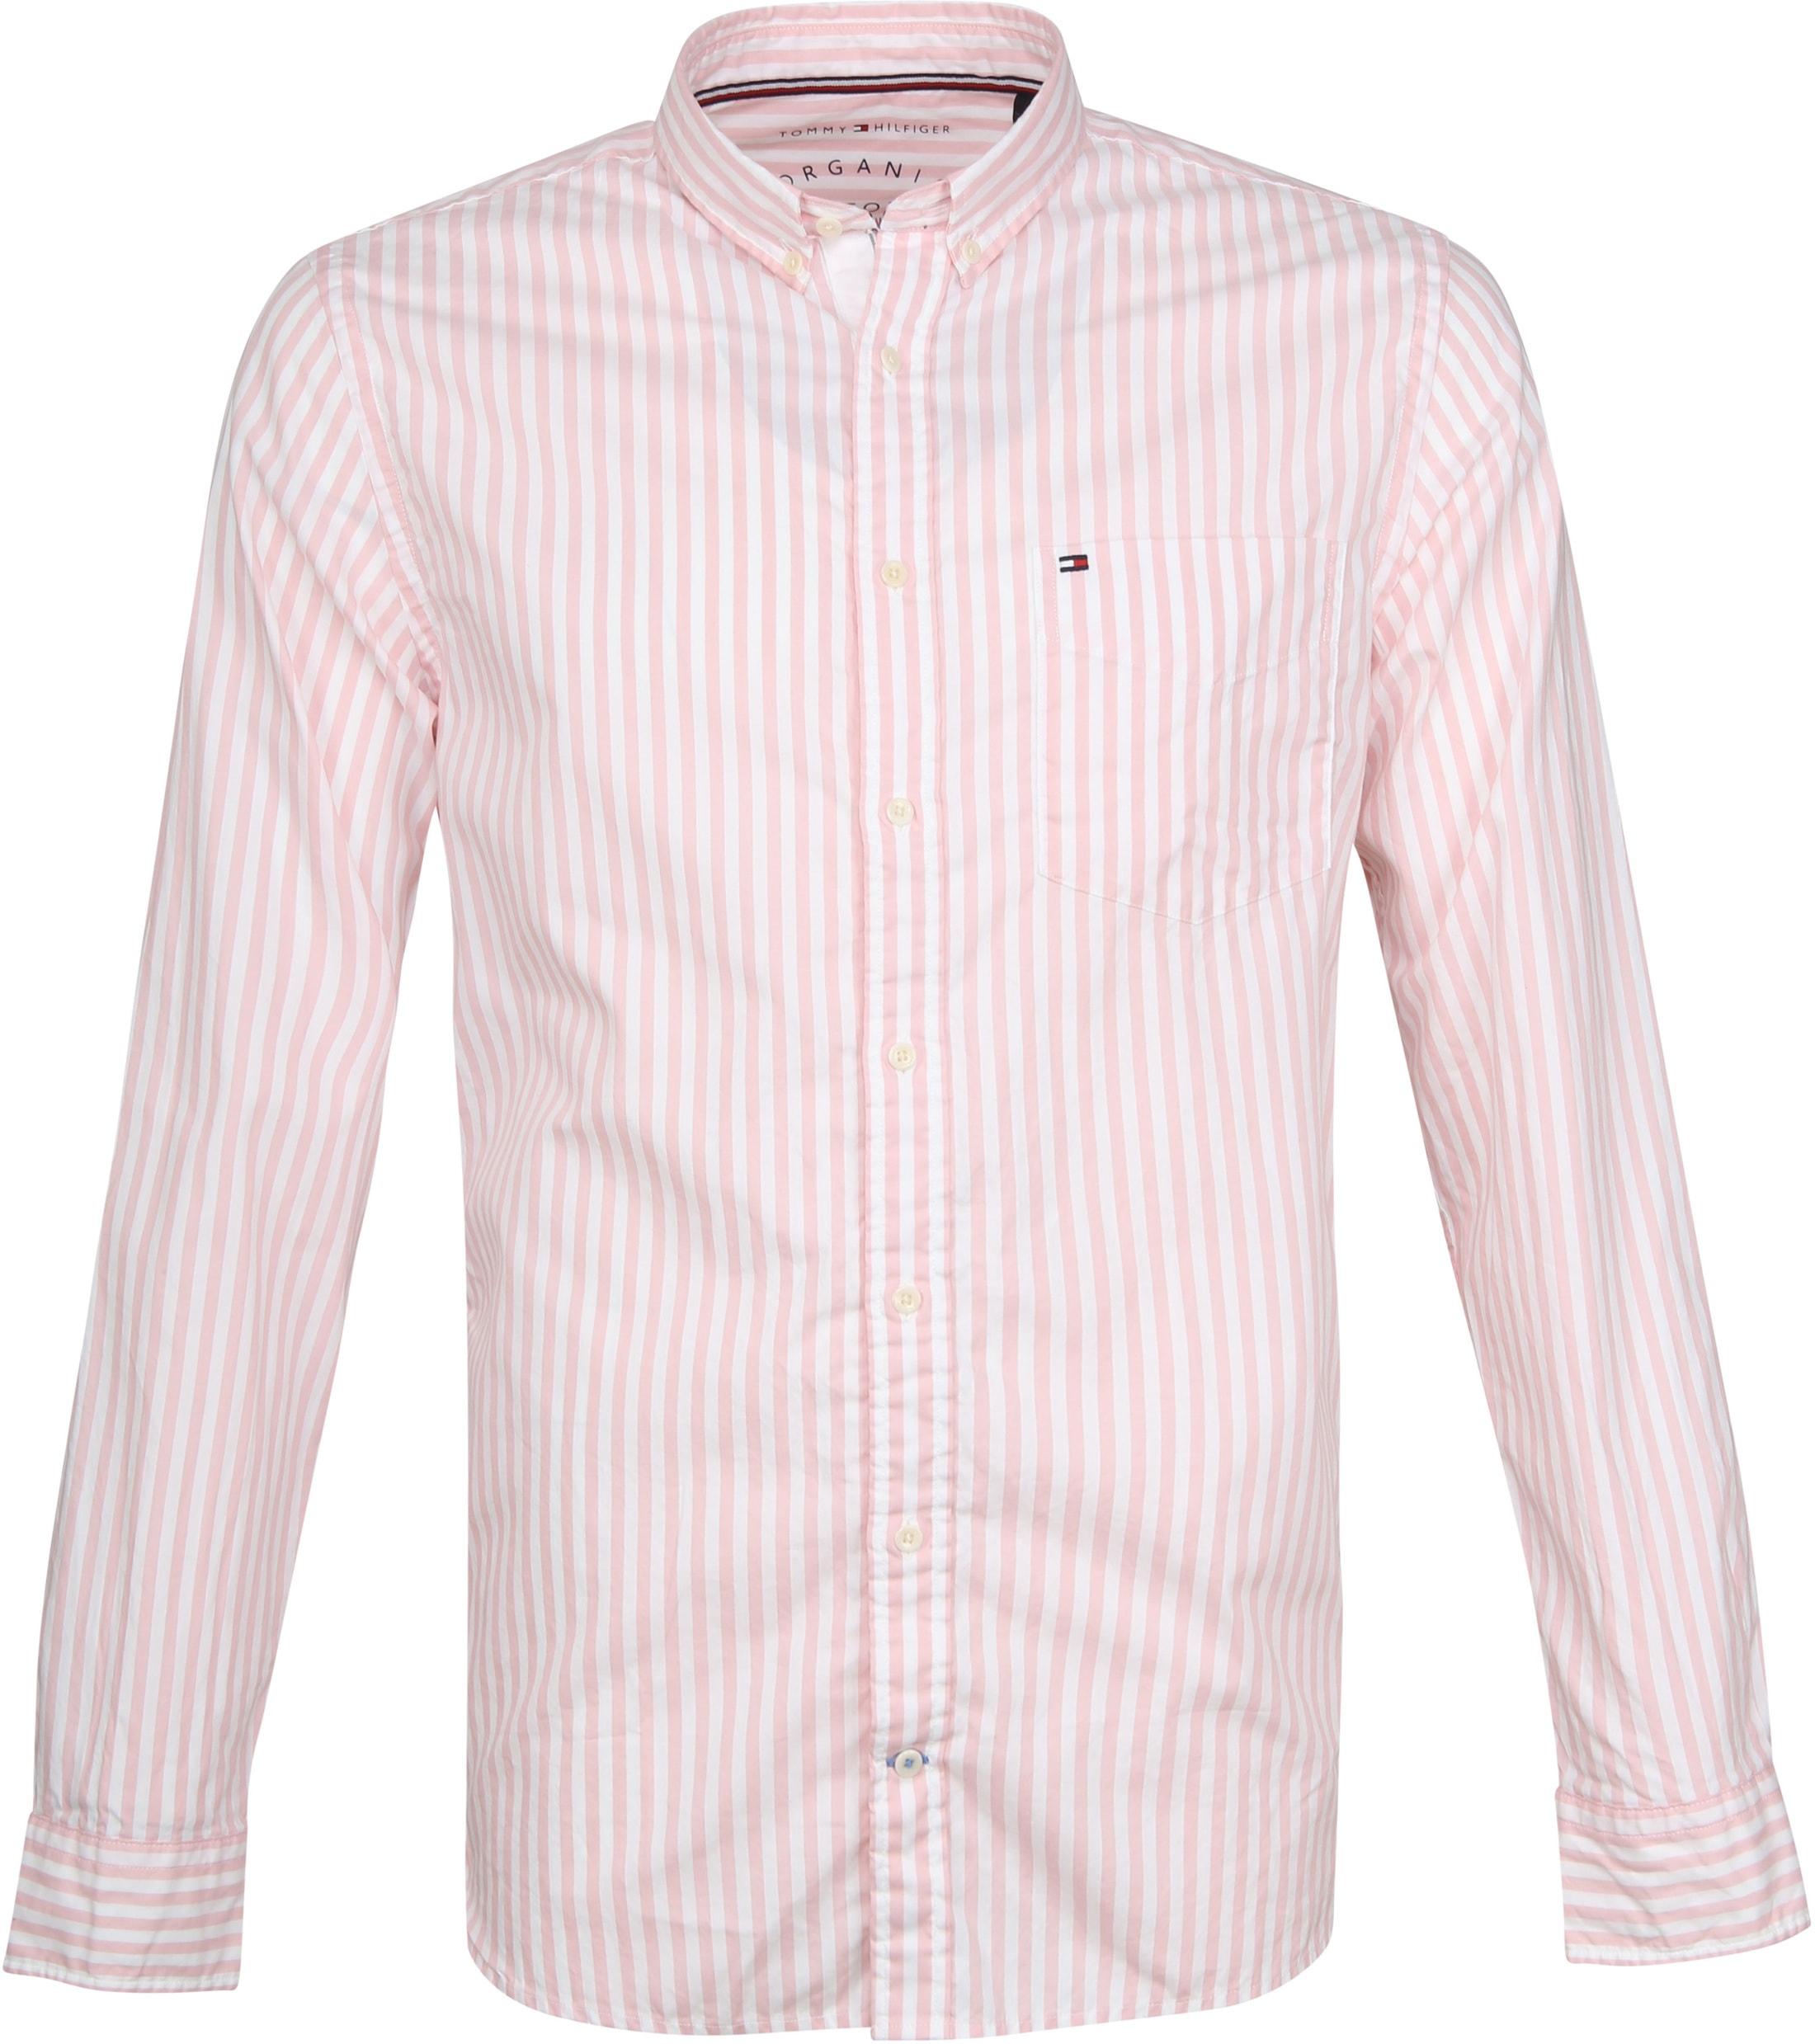 Tommy Hilfiger Oxford Strepen Overhemd Roze foto 0